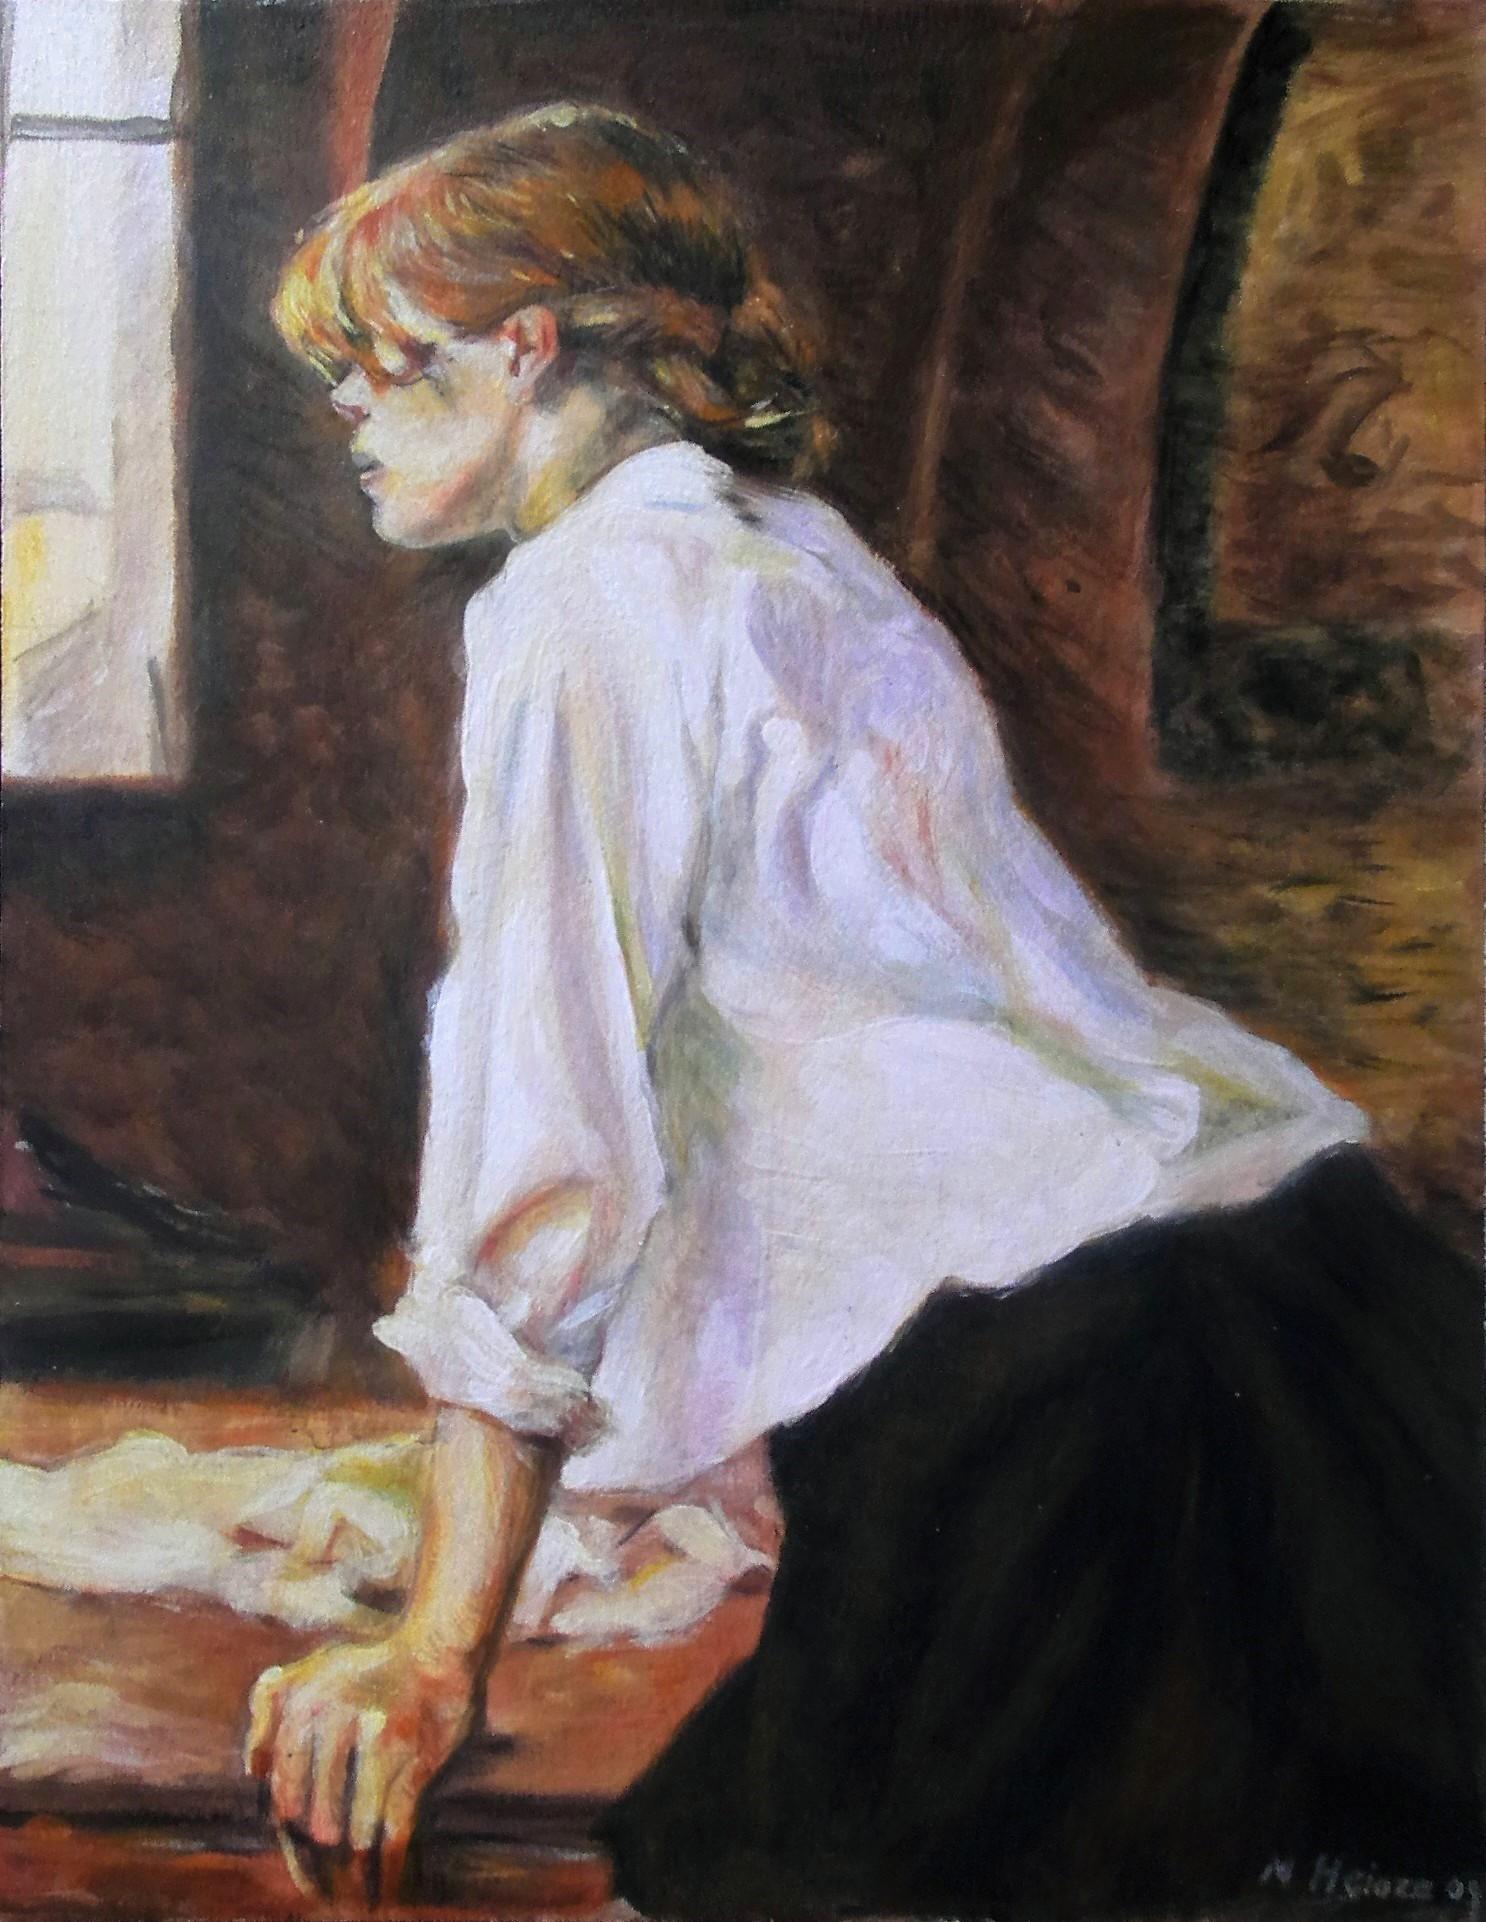 'Die Wäscherin' nach H. T. Lautrec, Akryl auf Holz, 41,7 x 54 cm